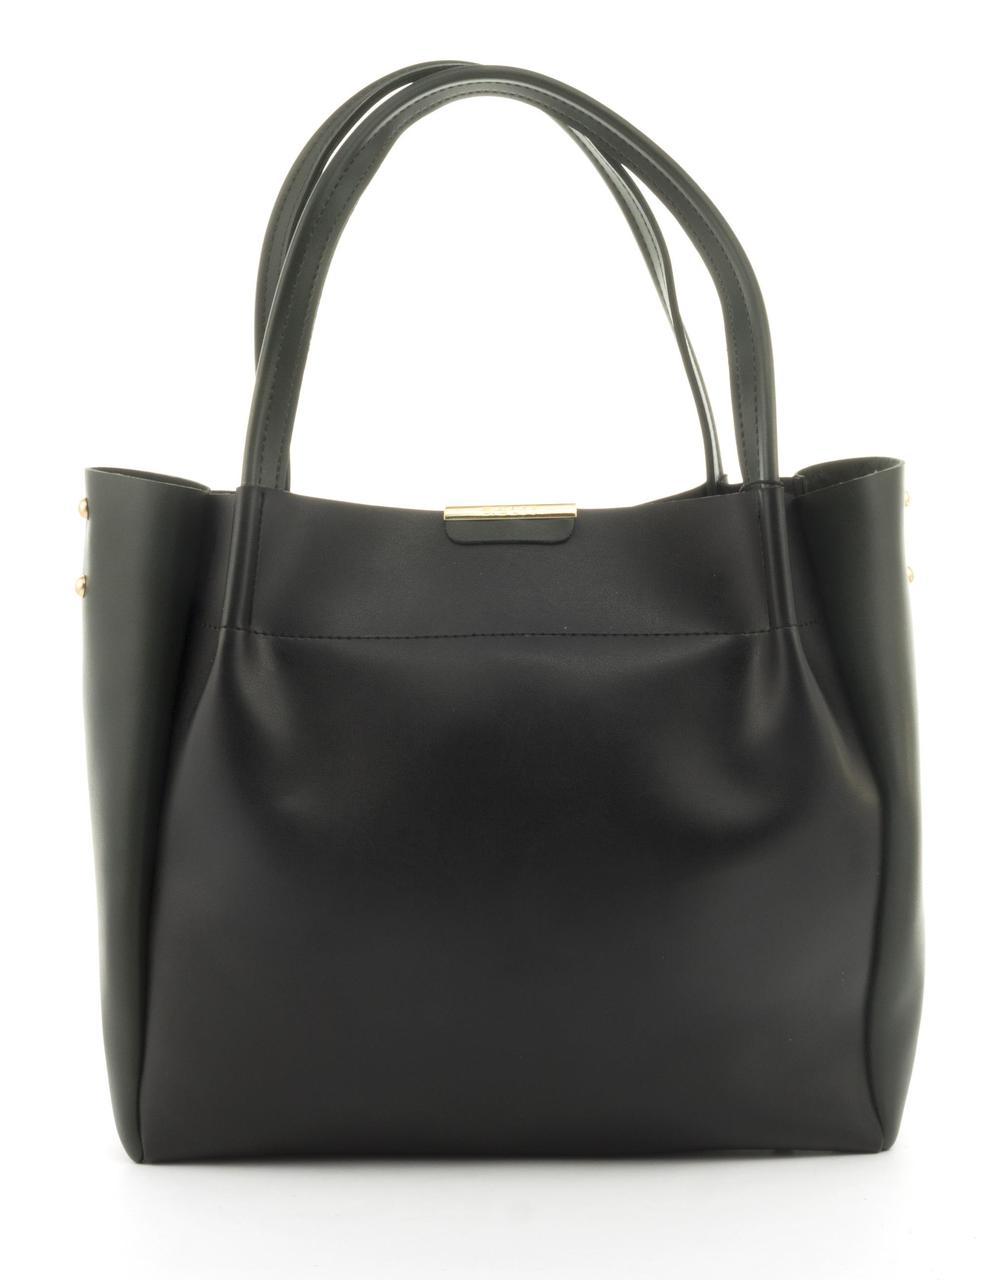 Вместительная прочная модная сумка из эко кожи высокого качества B.Elite art. 07-76 черный/зеленый